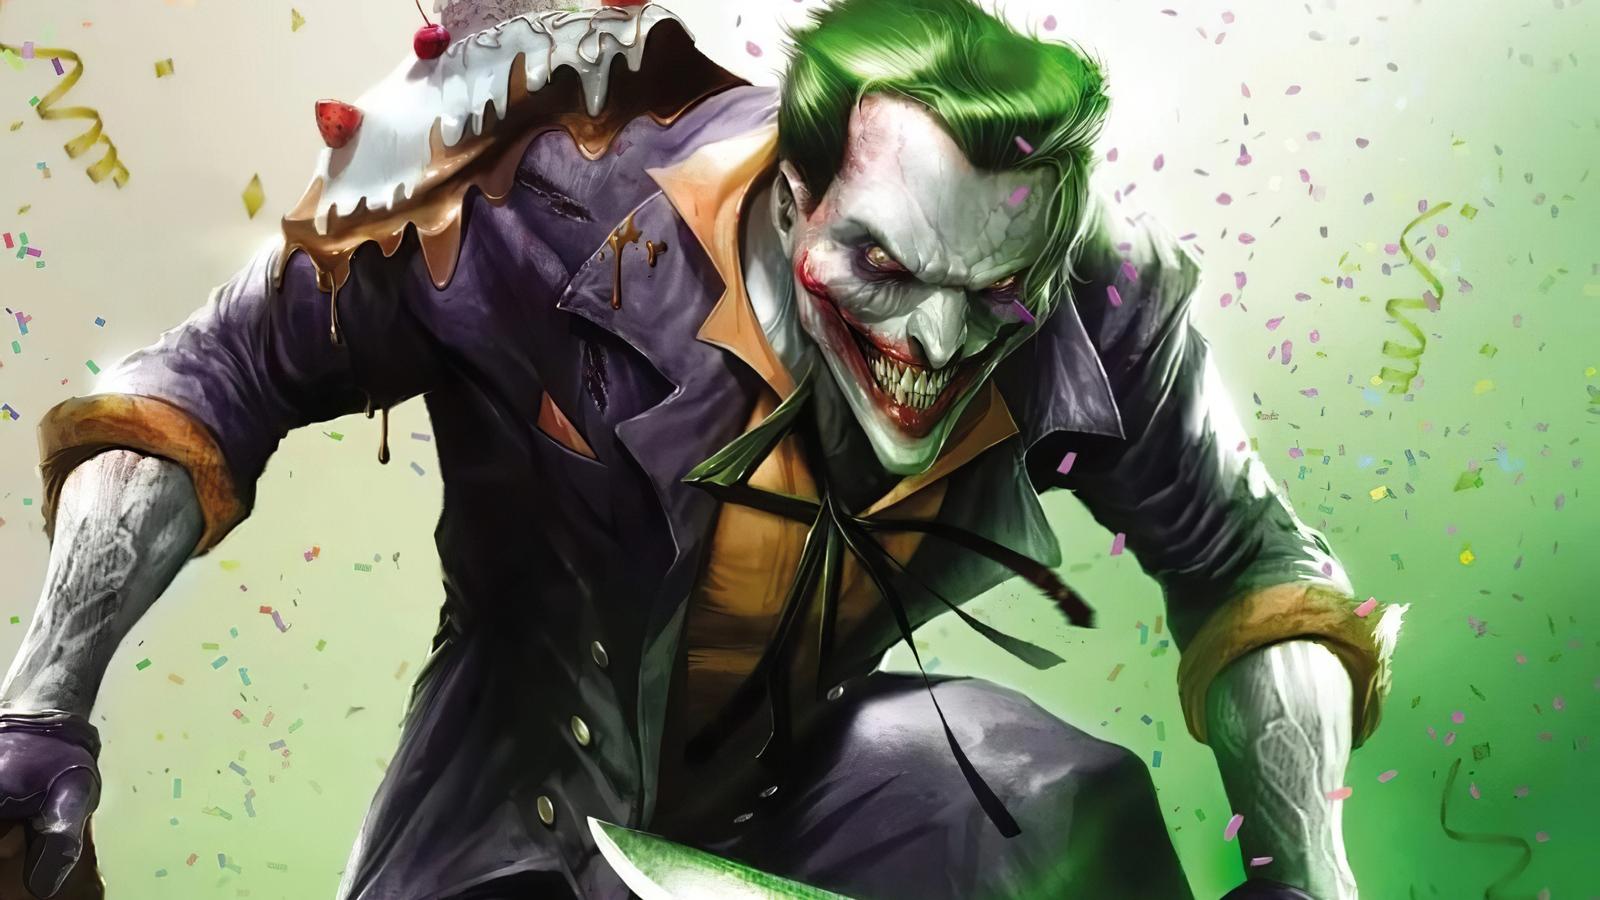 joker-danger-laugh-art-6w.jpg